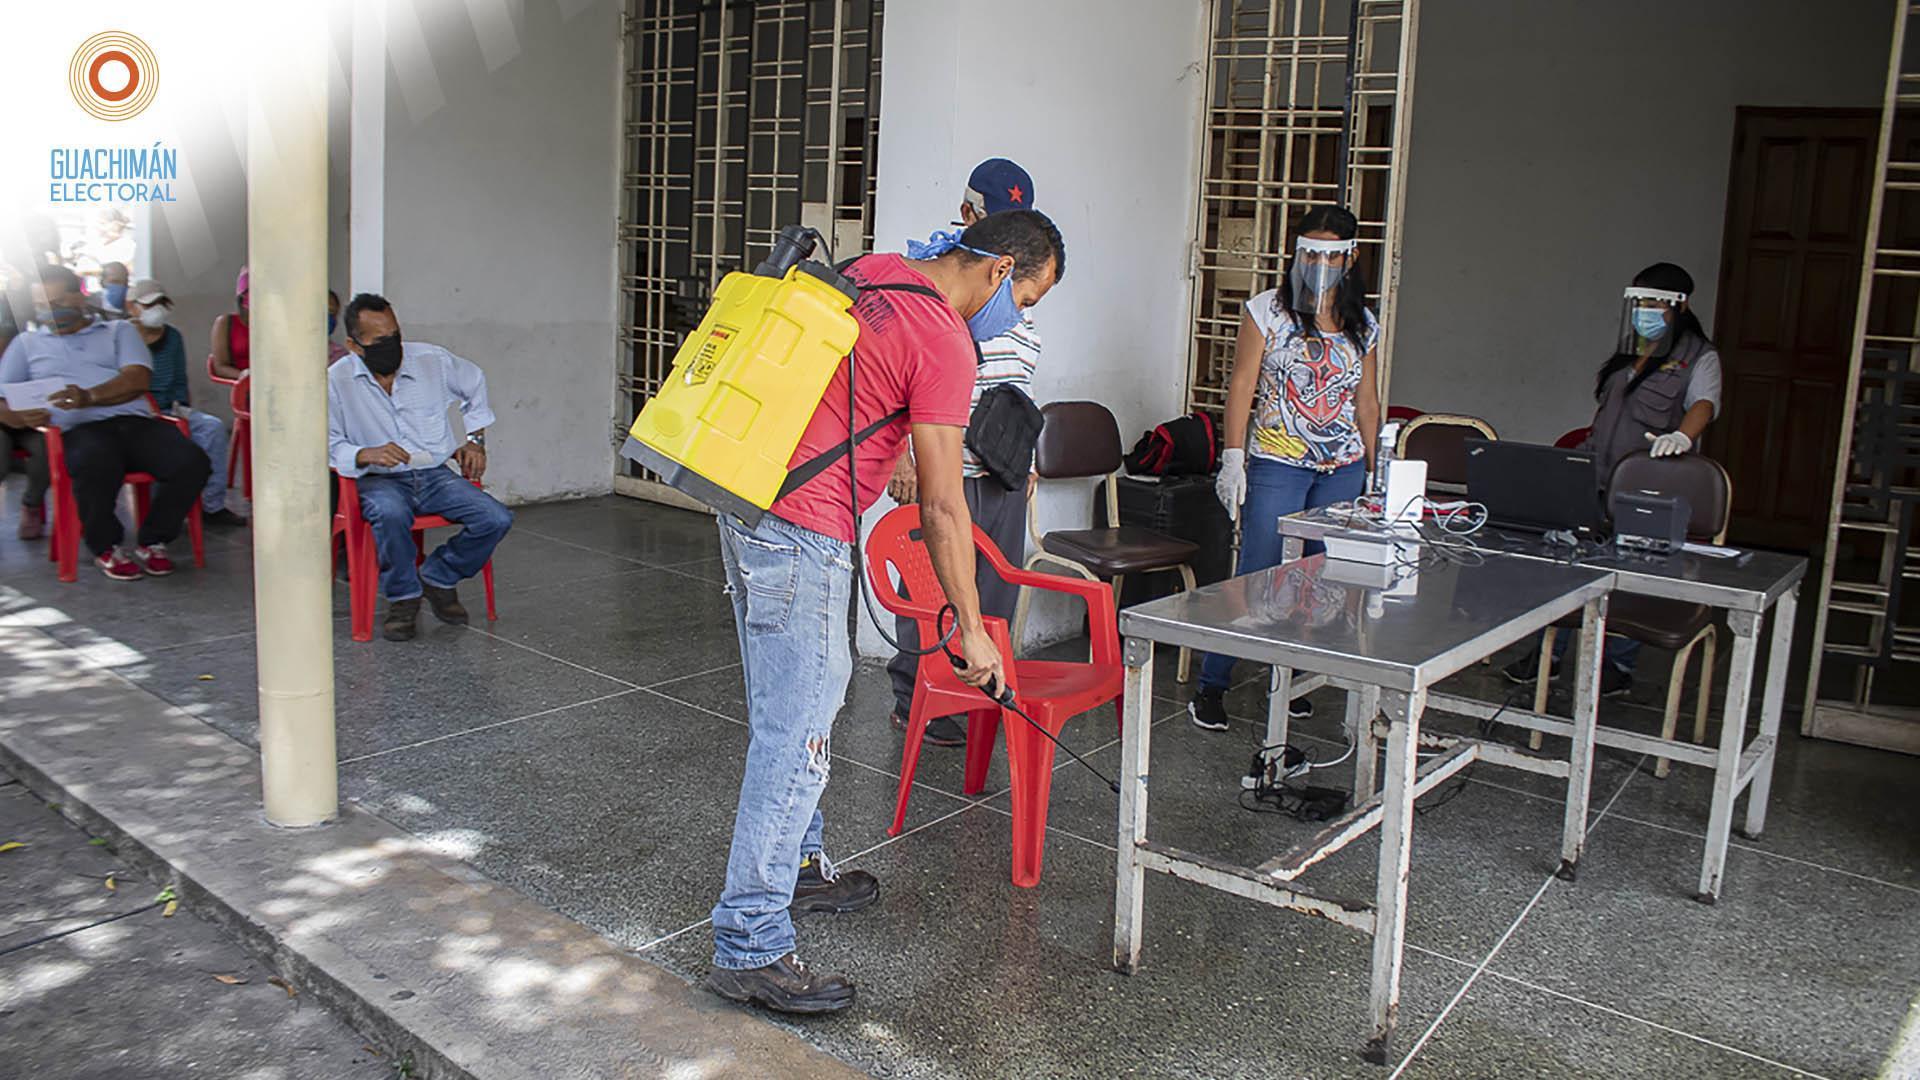 #GuachimánElectoral | Unos 13 objetos de uso común en elecciones suponen un peligro frente al COVID-19